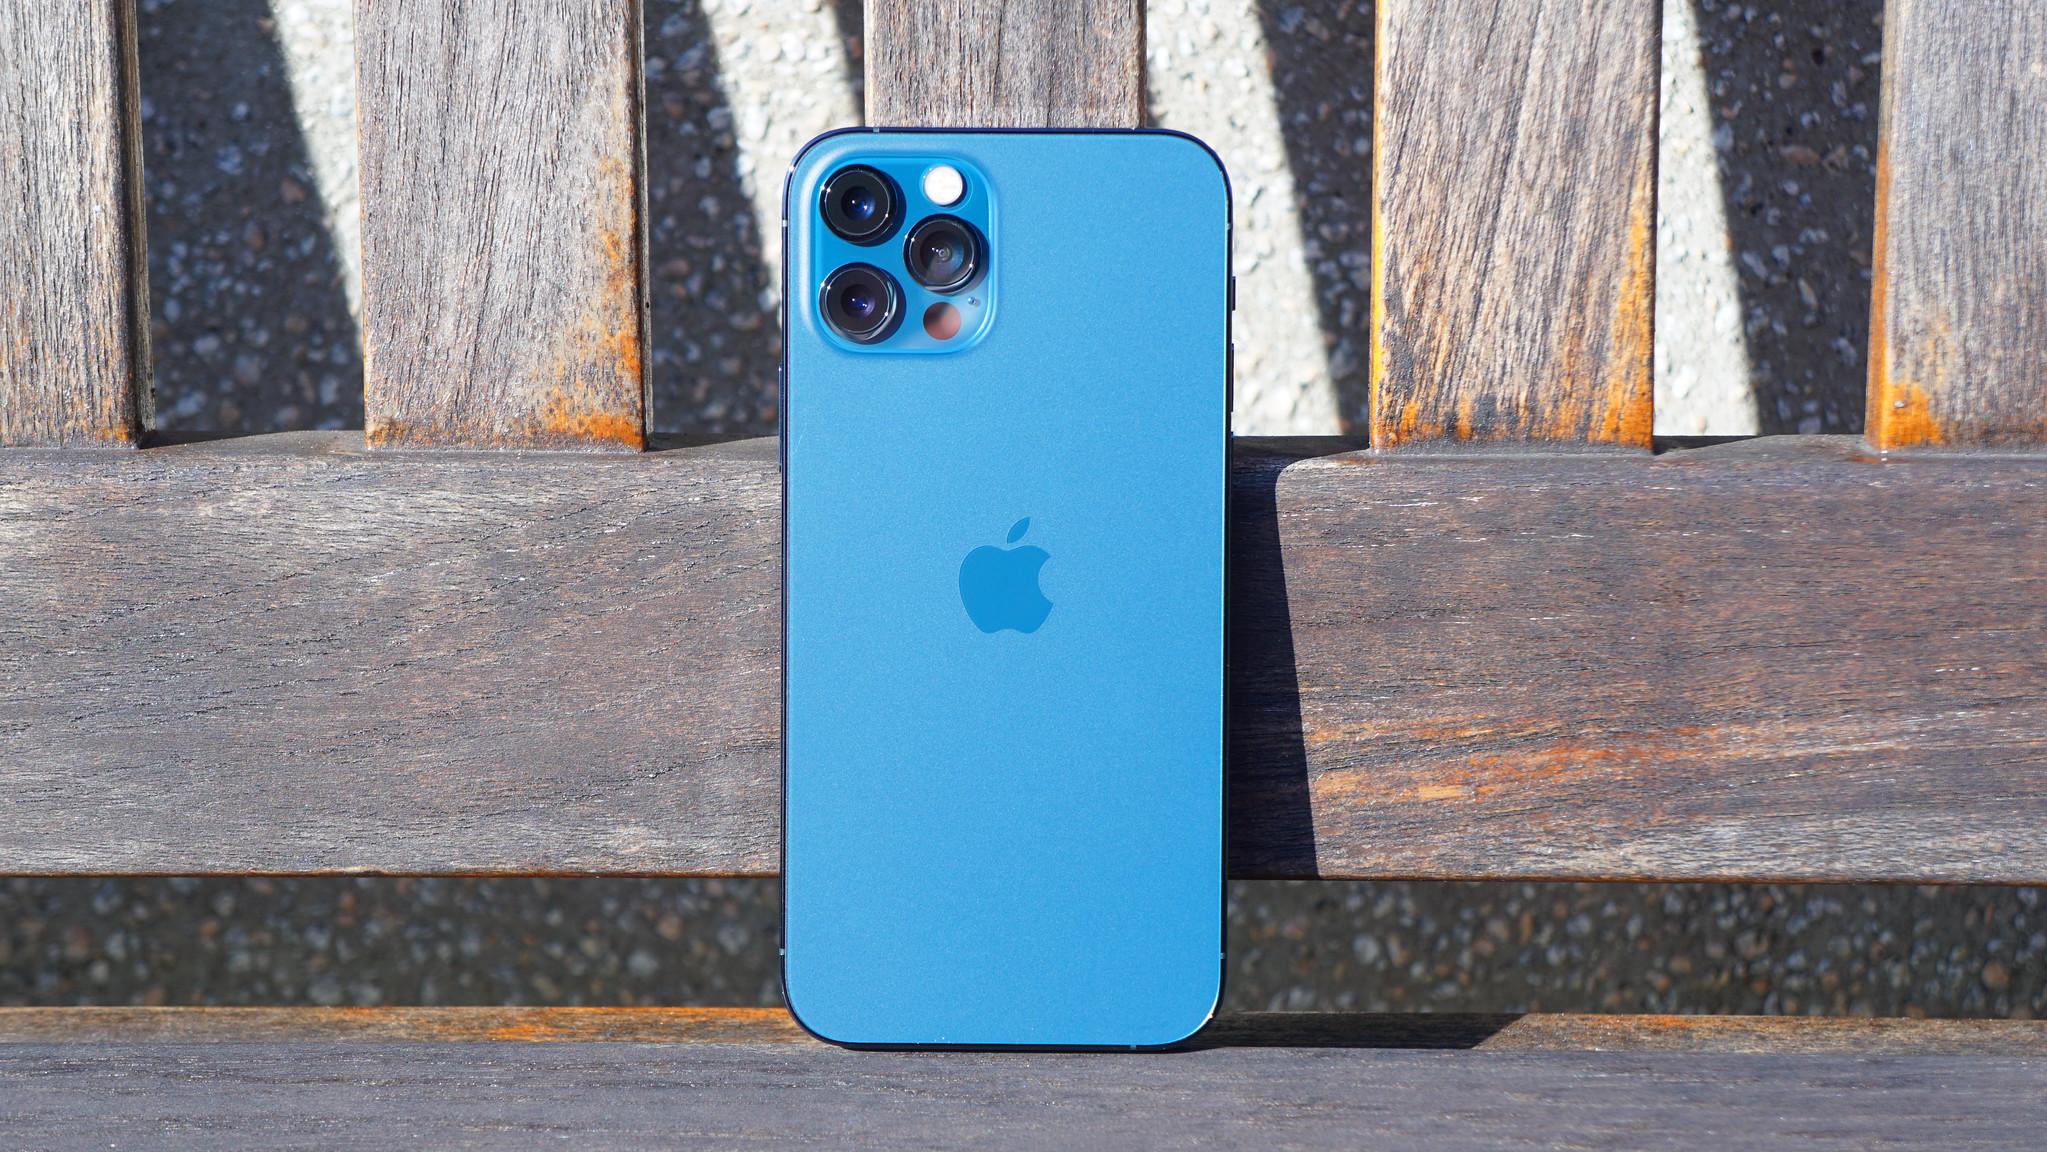 iPhone 12 Pro レビュー - パフォーマンス・電池持ち